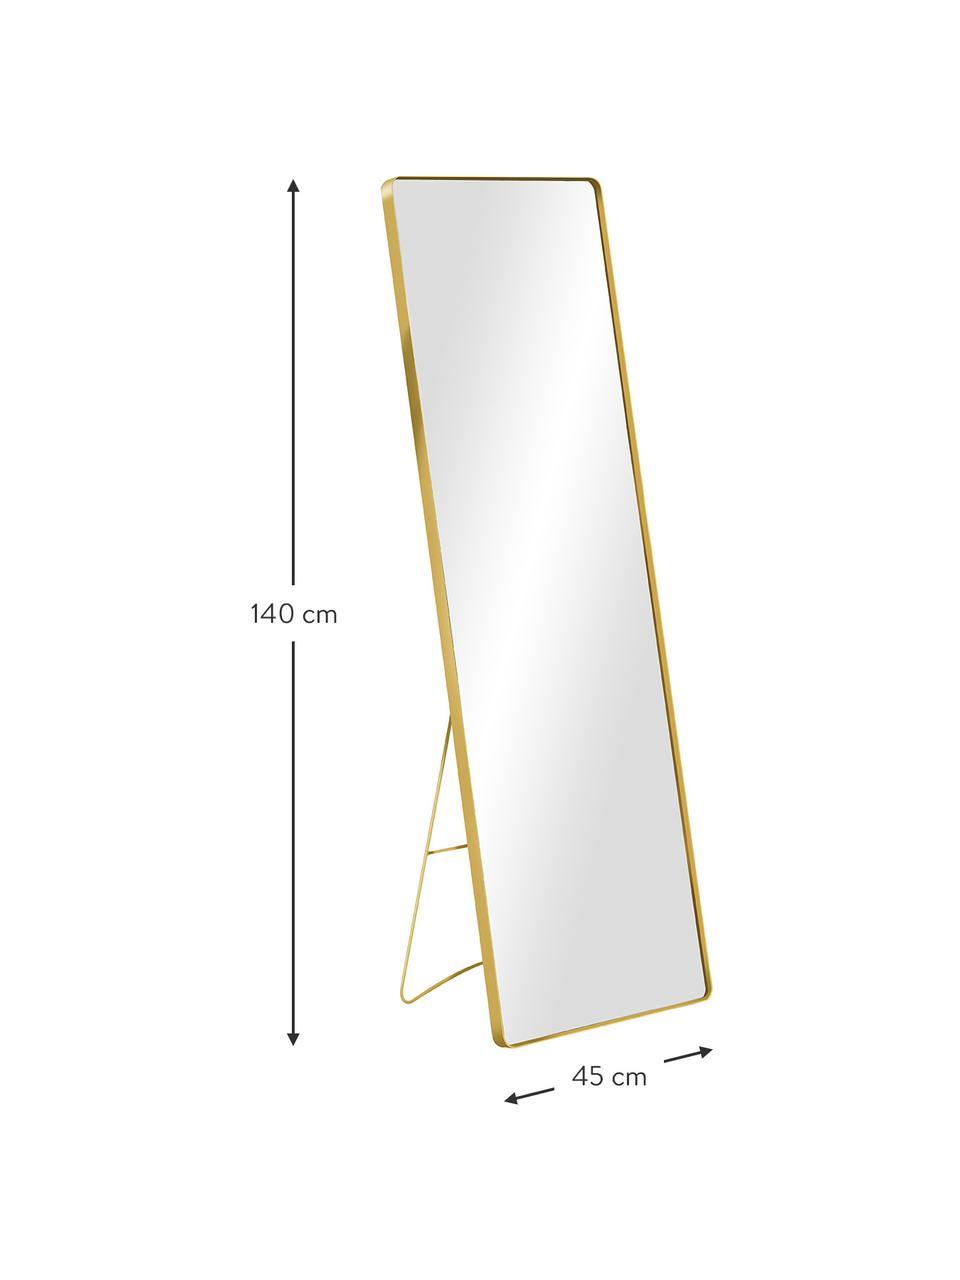 Eckiger Standspiegel Stefo mit goldenem Metallrahmen, Rahmen: Metall, beschichtet, Spiegelfläche: Spiegelglas, Goldfarben, 45 x 140 cm